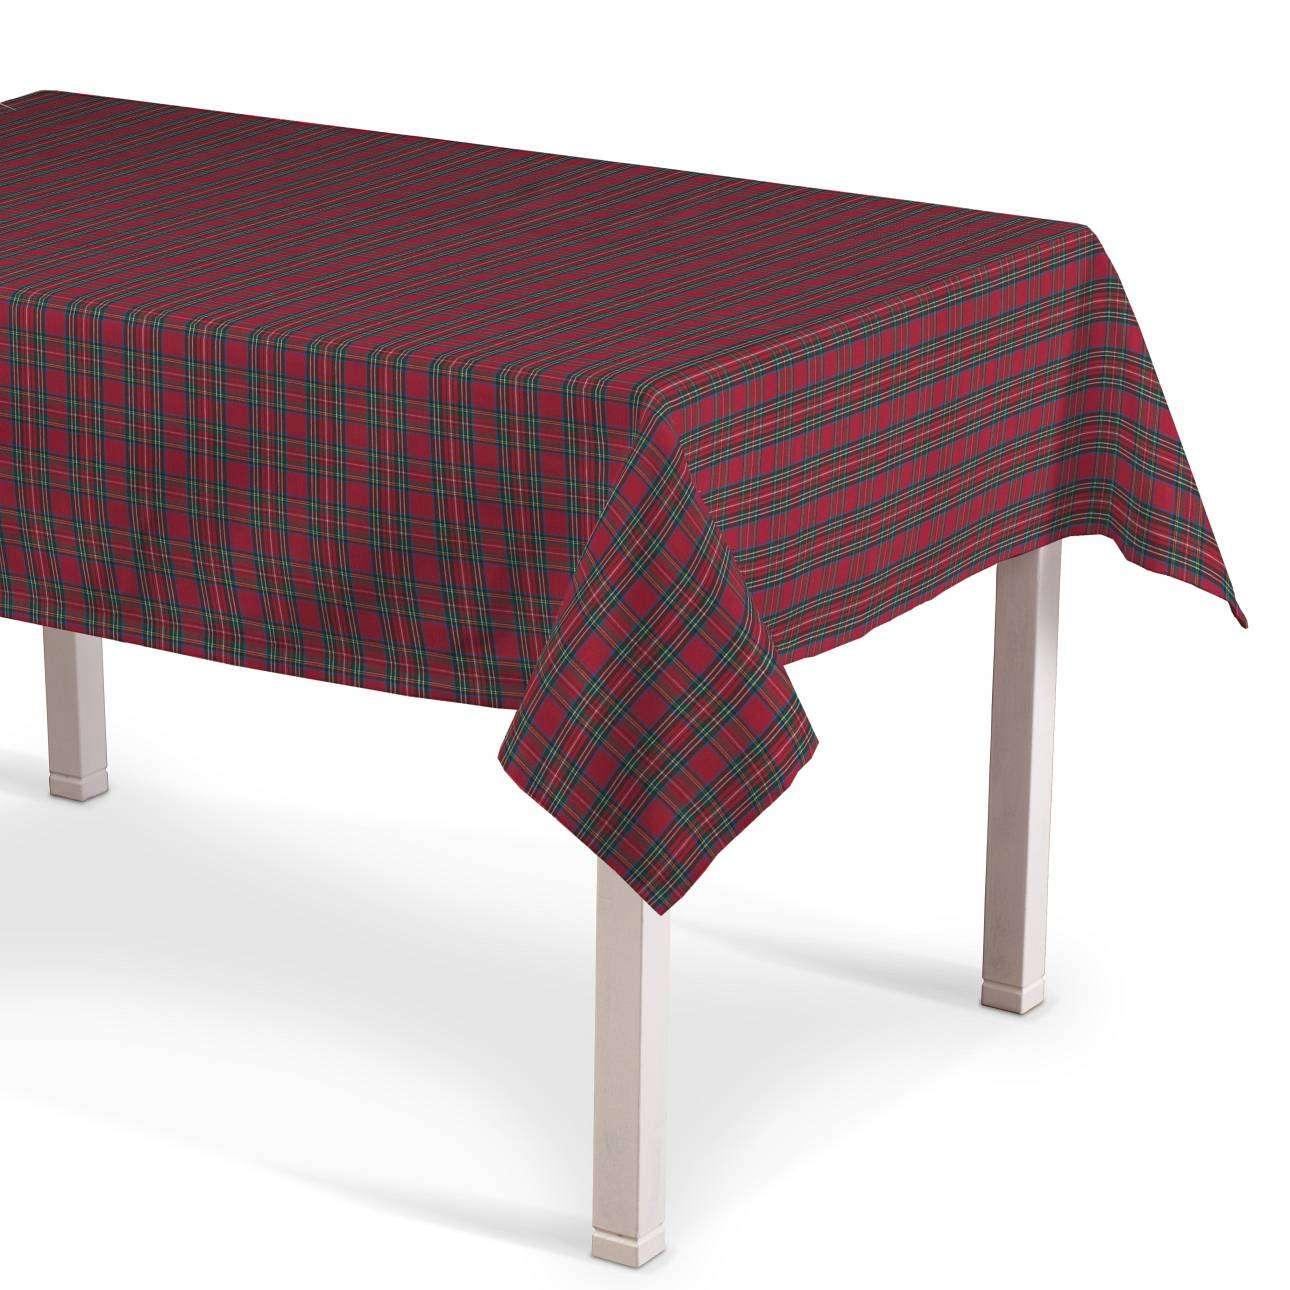 Rechteckige Tischdecke 130 x 130 cm von der Kollektion Bristol, Stoff: 126-29